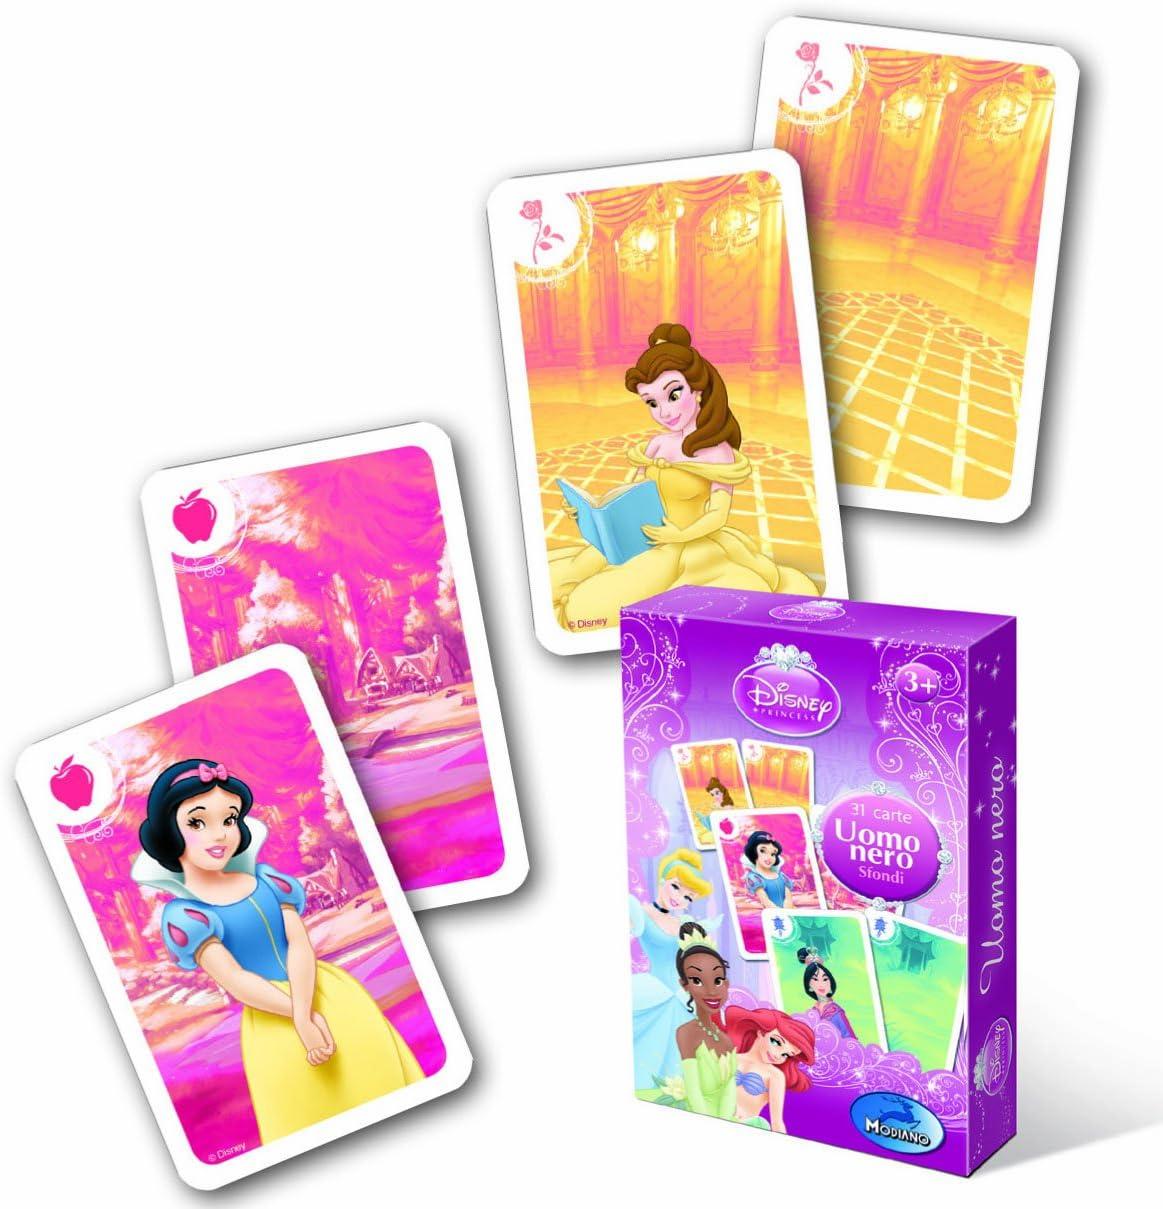 Desconocido Disney - Juego de Cartas [Importado]: Amazon.es: Juguetes y juegos